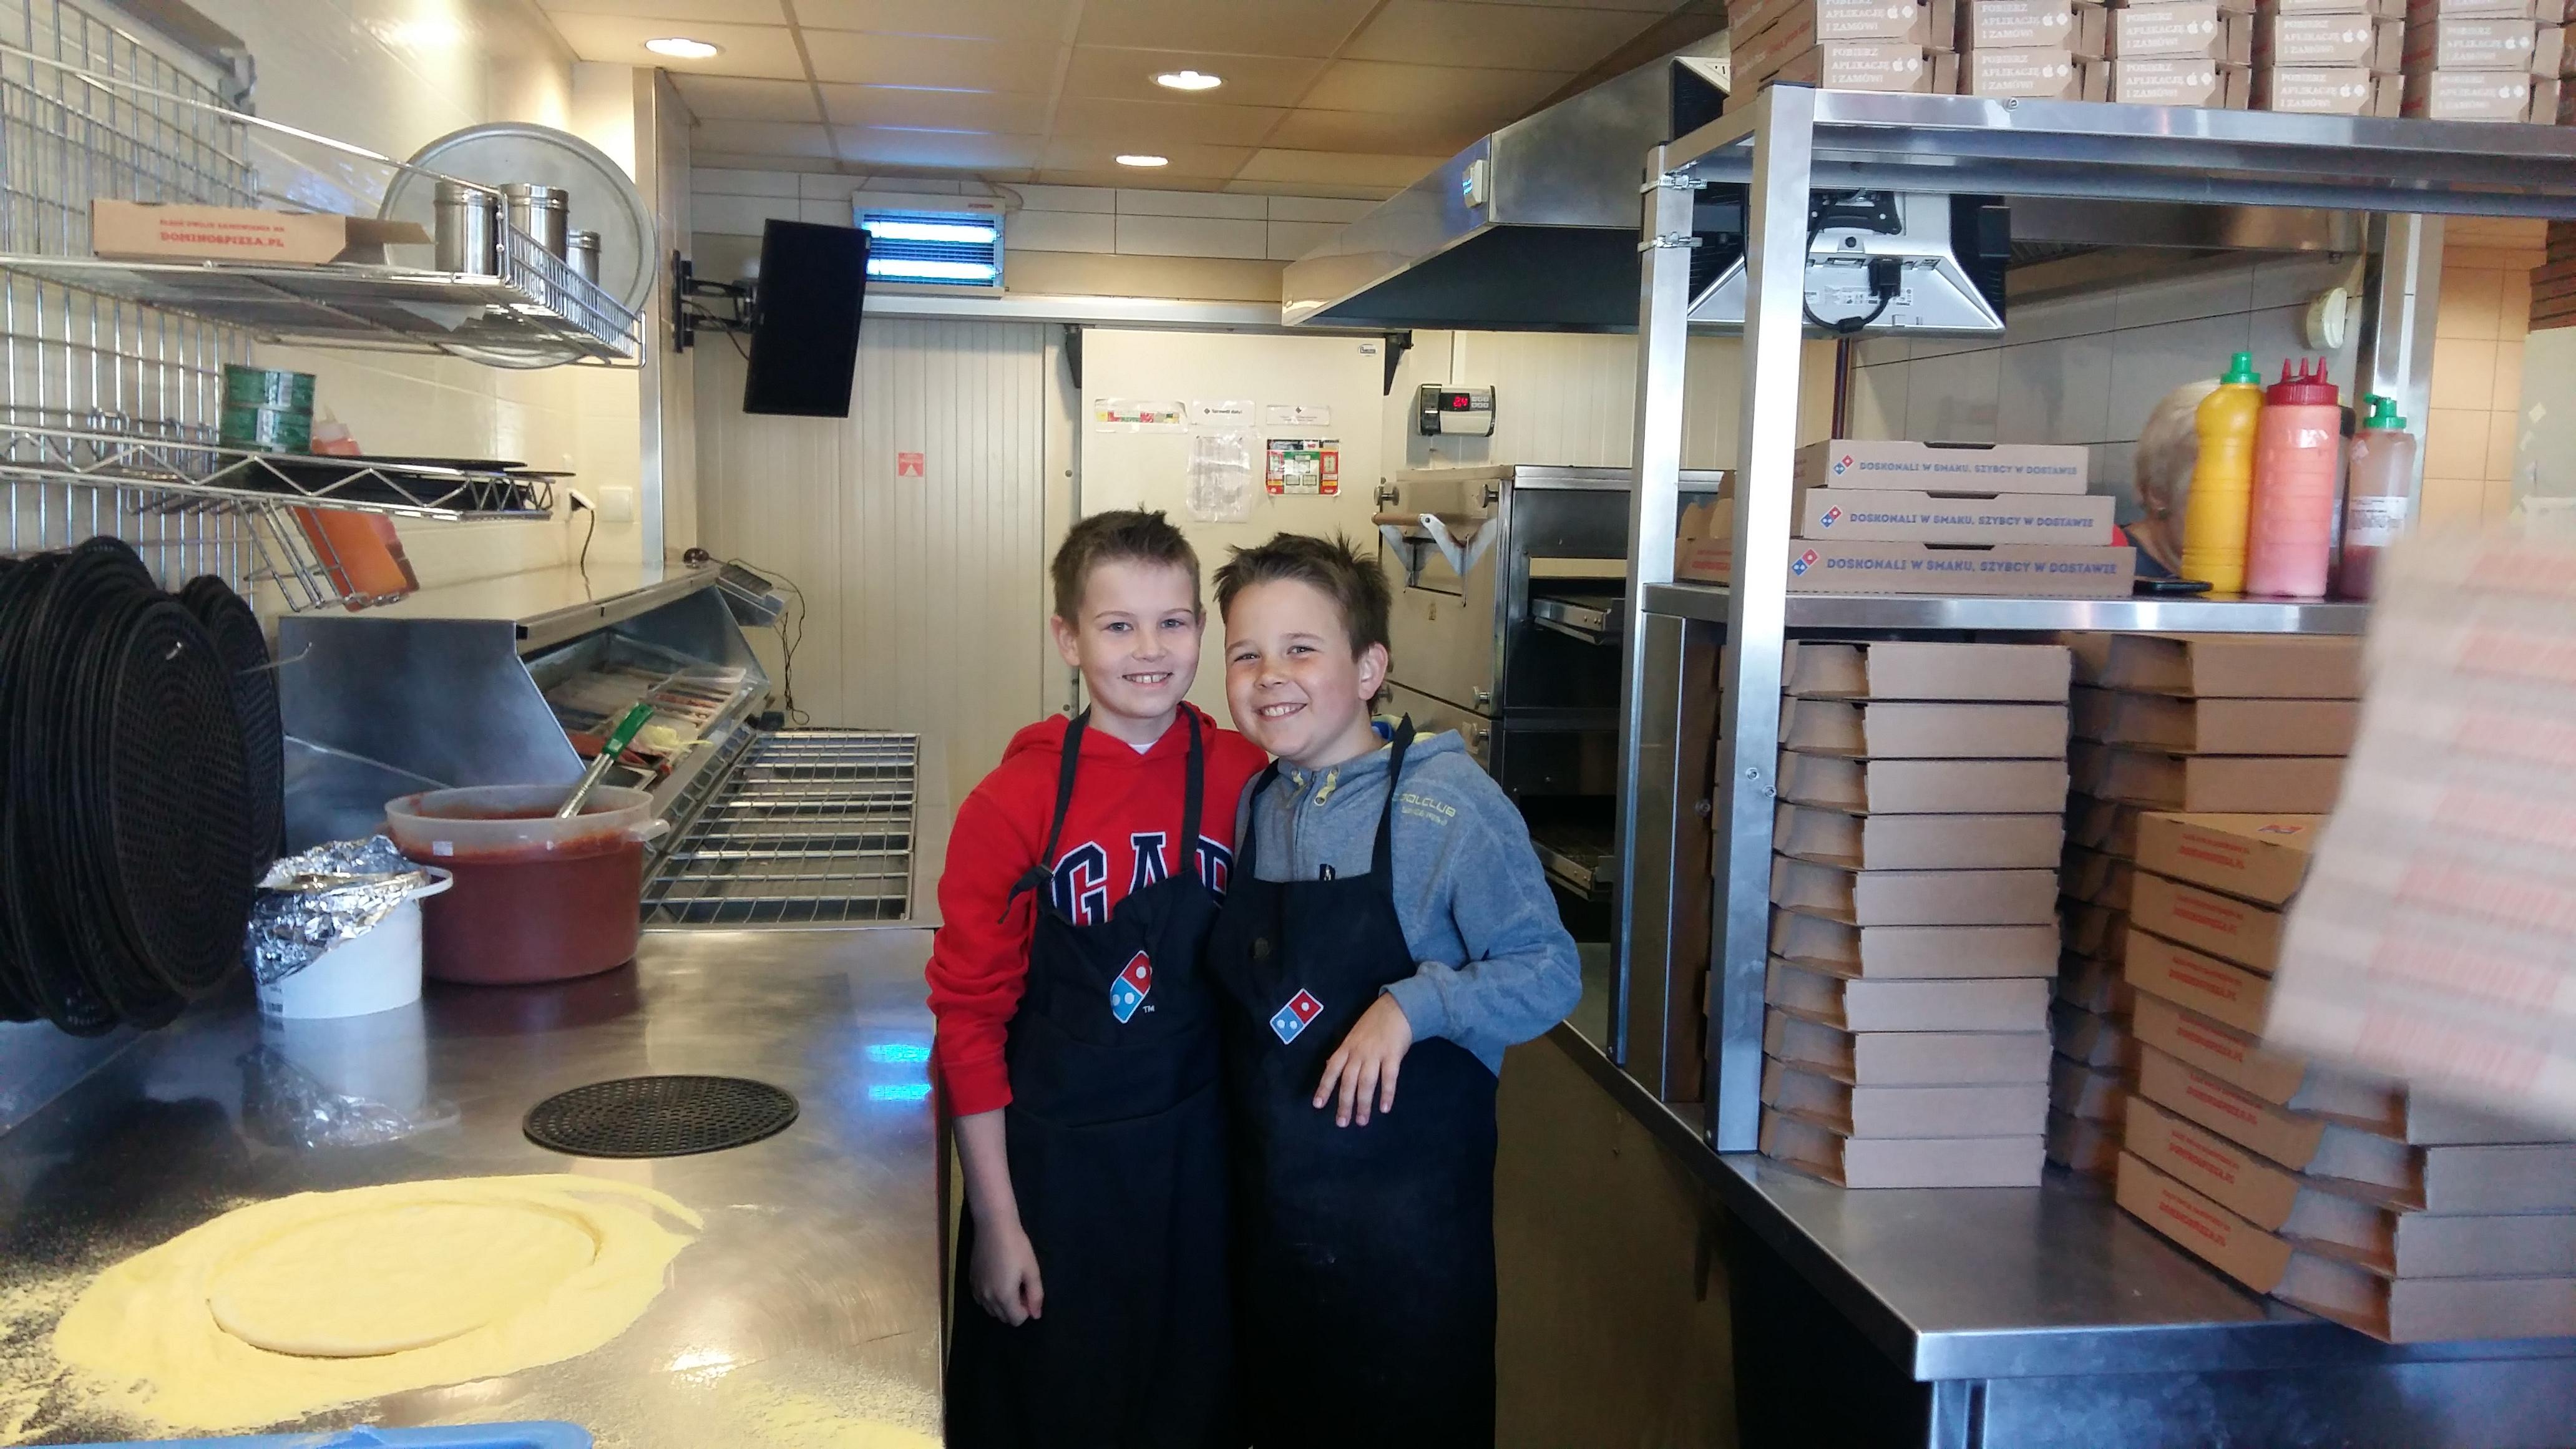 2018-04-18 - klasa 4c w Dominos Pizza